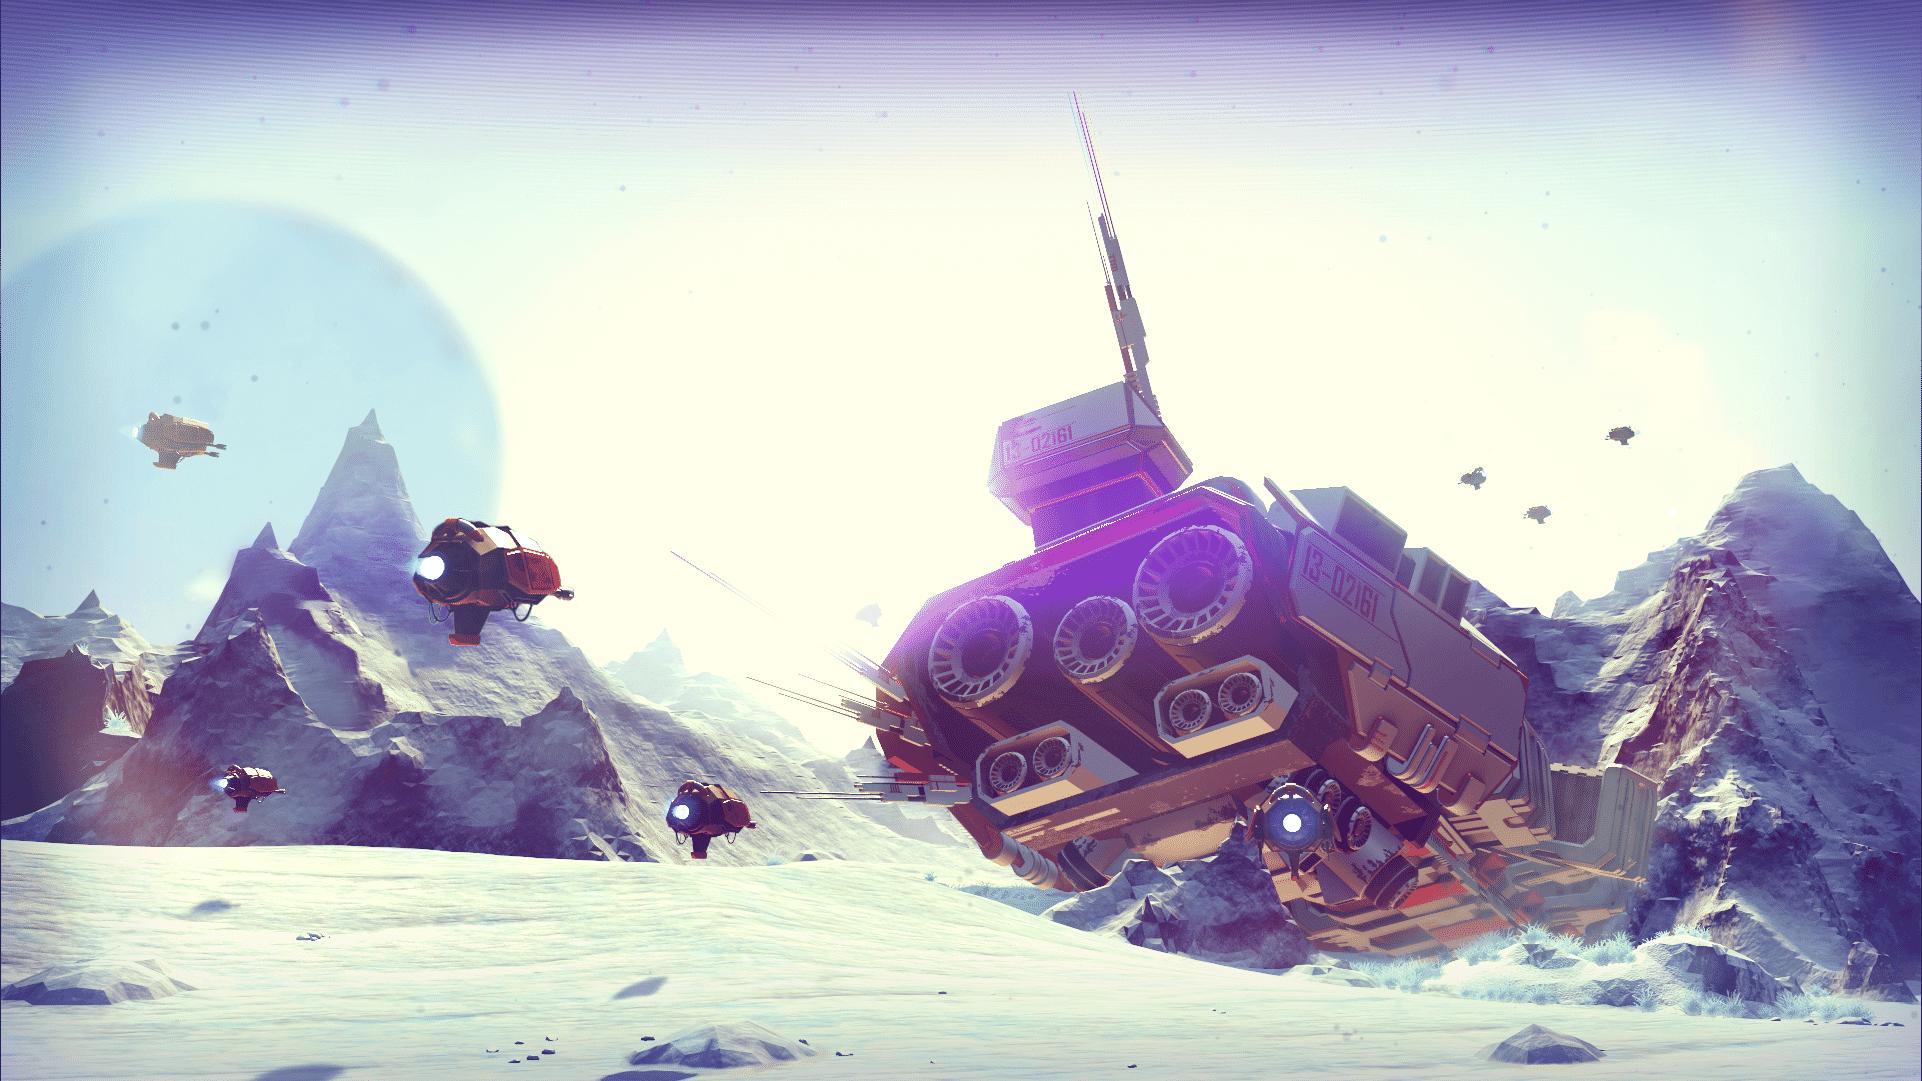 Crashed spaceship wreckage